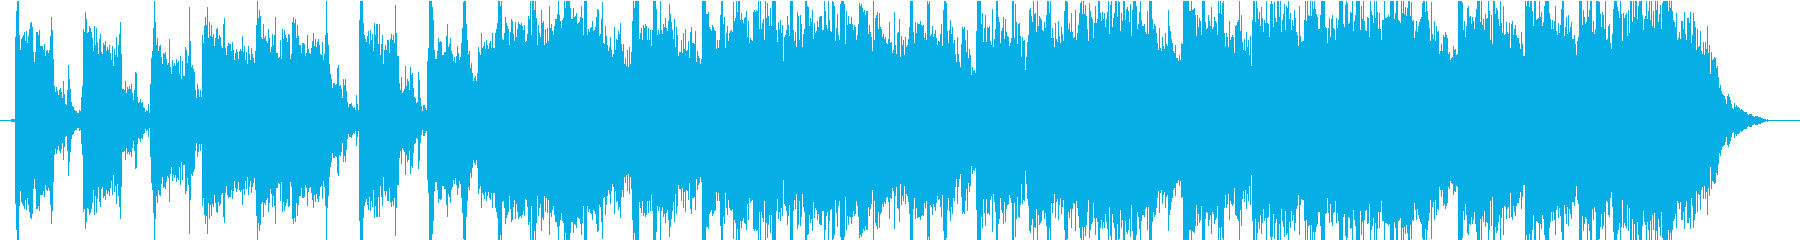 王道ロックンロールなジングルの再生済みの波形